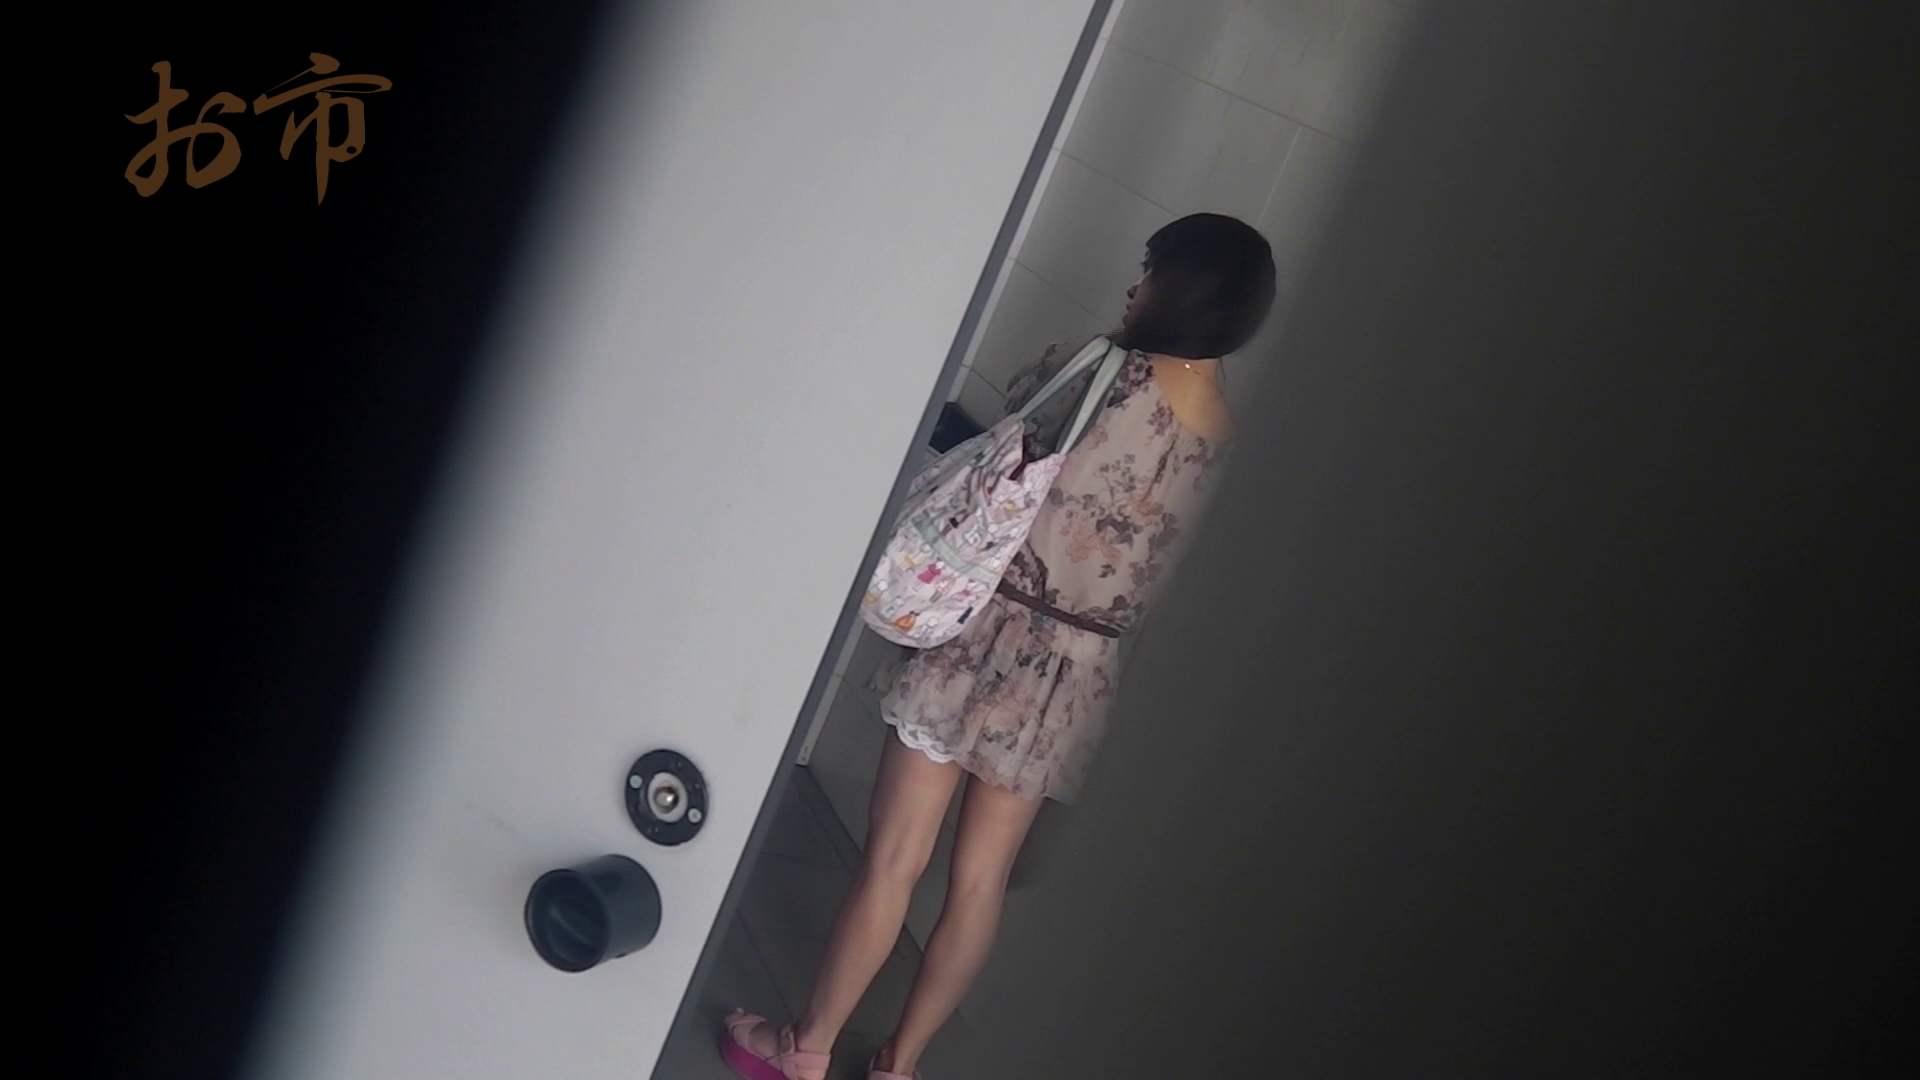 潜入!!台湾名門女学院 Vol.12 長身モデル驚き見たことないシチュエーション 丸見え エロ画像 80枚 11